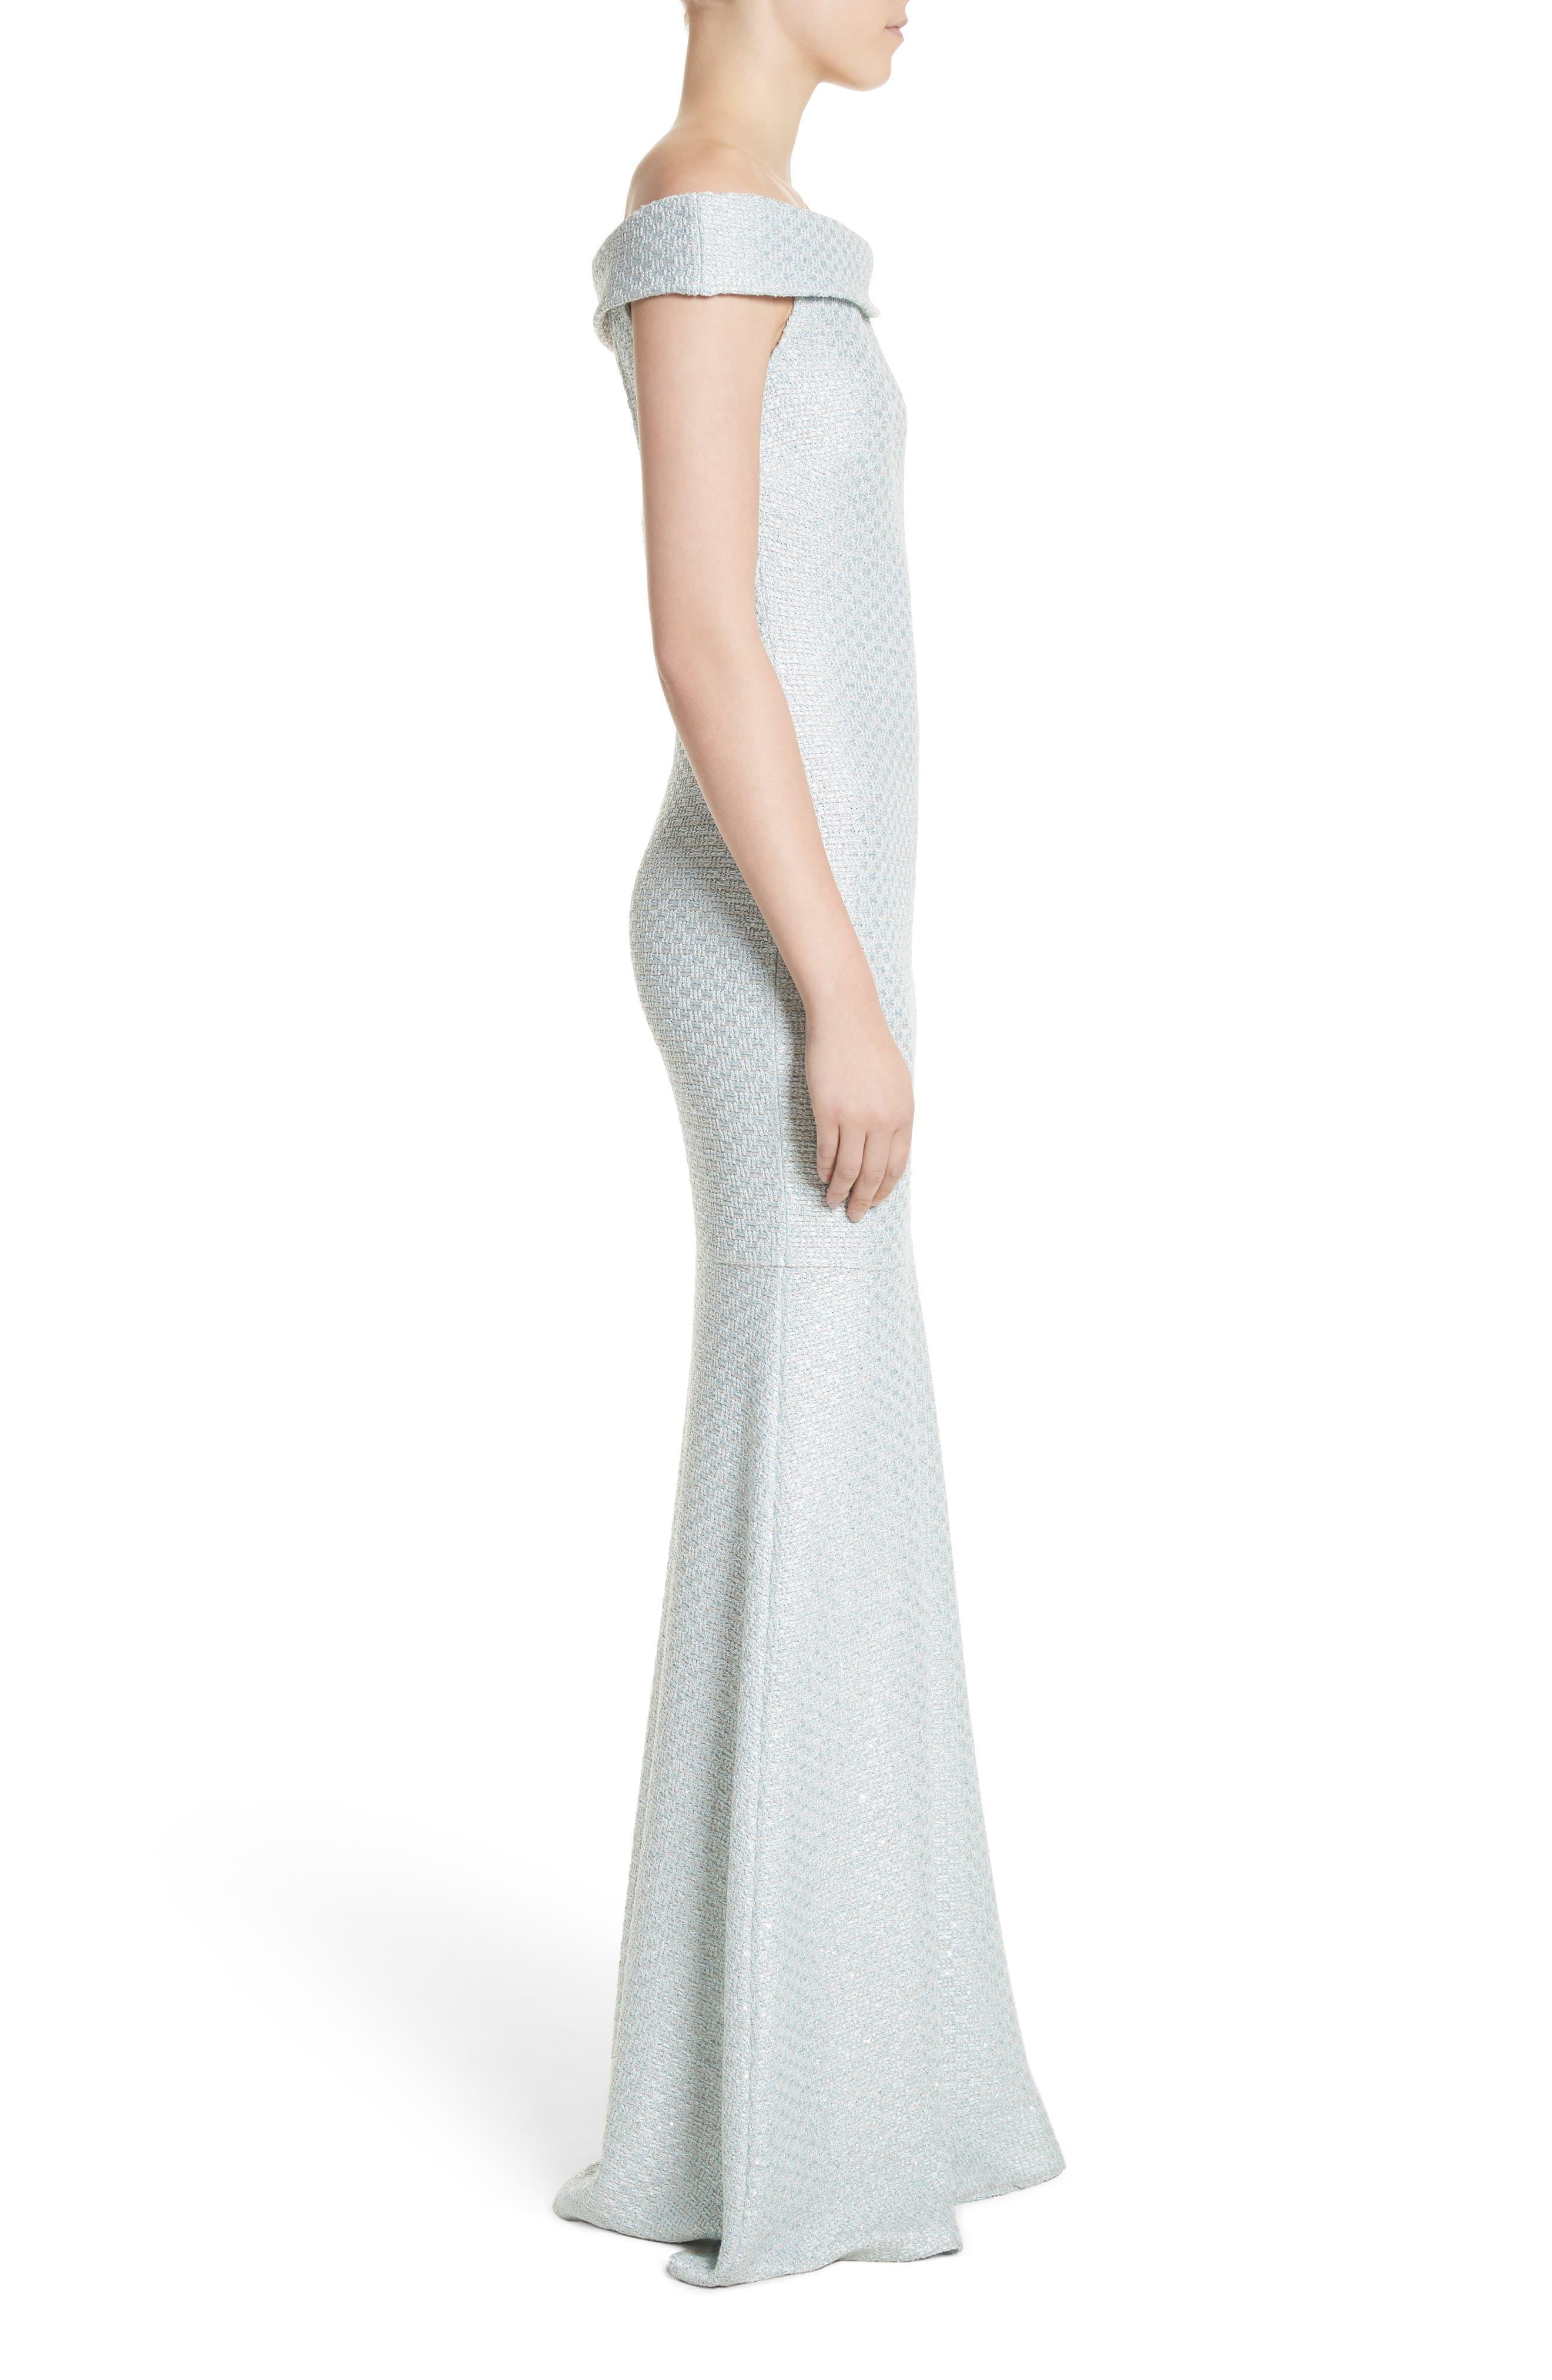 Hansh Sequin Knit Off the Shoulder Gown,                             Alternate thumbnail 3, color,                             MINT